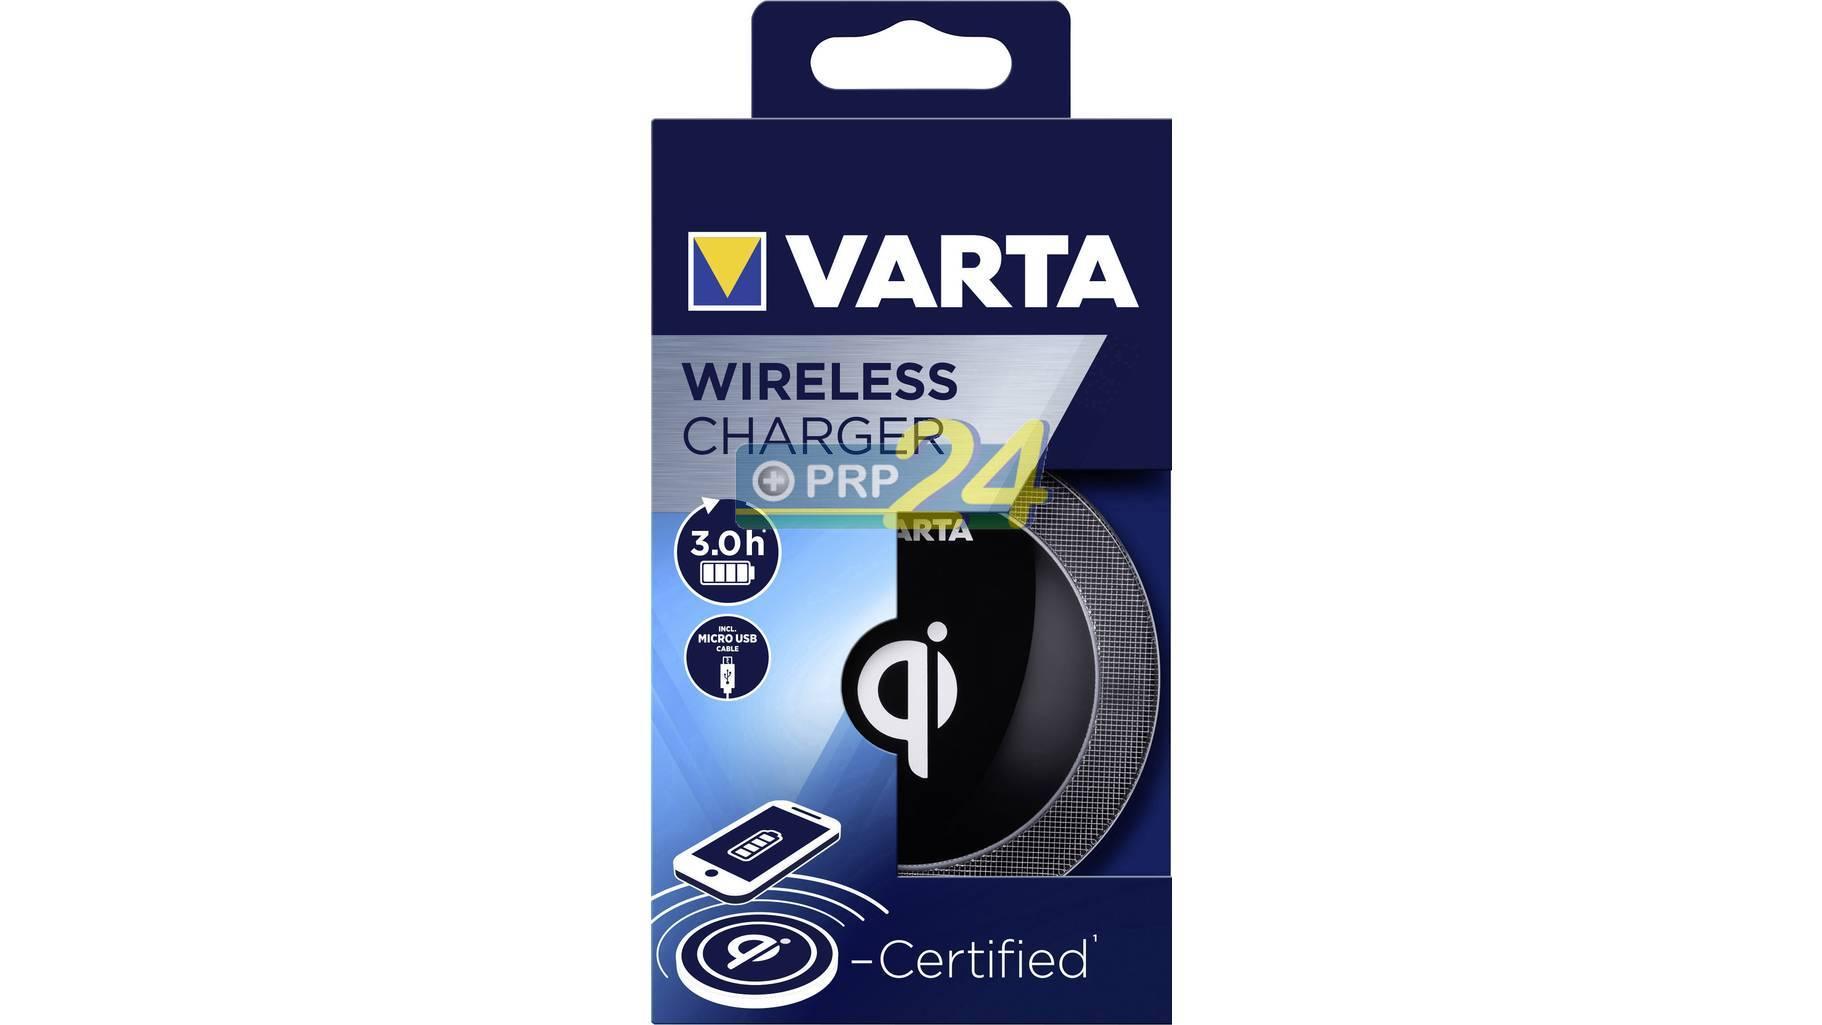 VARTA Elem akkumulátor töltő - Vezeték nélküli töltő II. széria